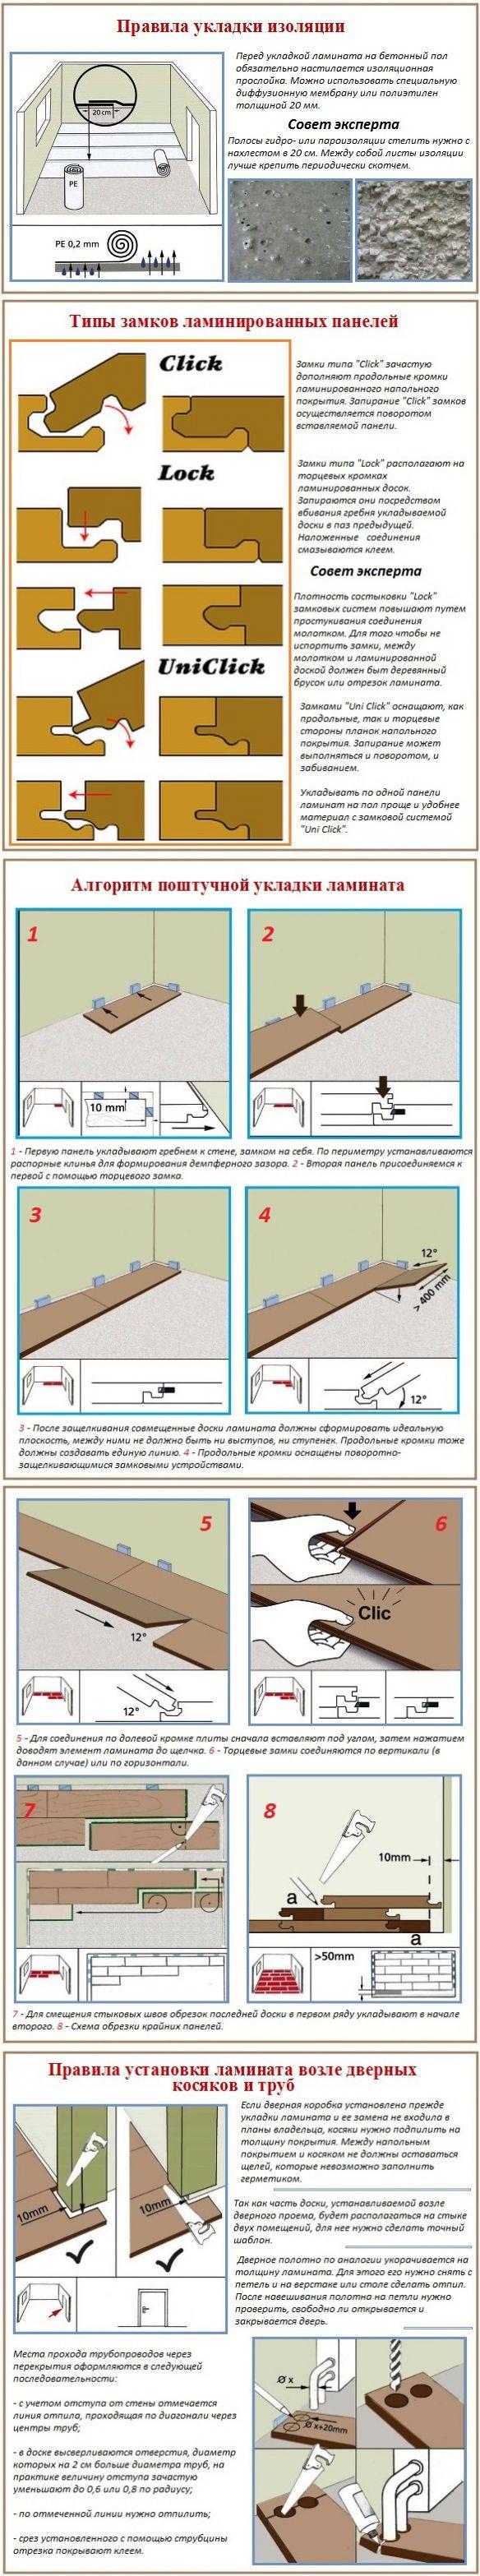 Укладка ламината без порогов: способы быстрой укладки